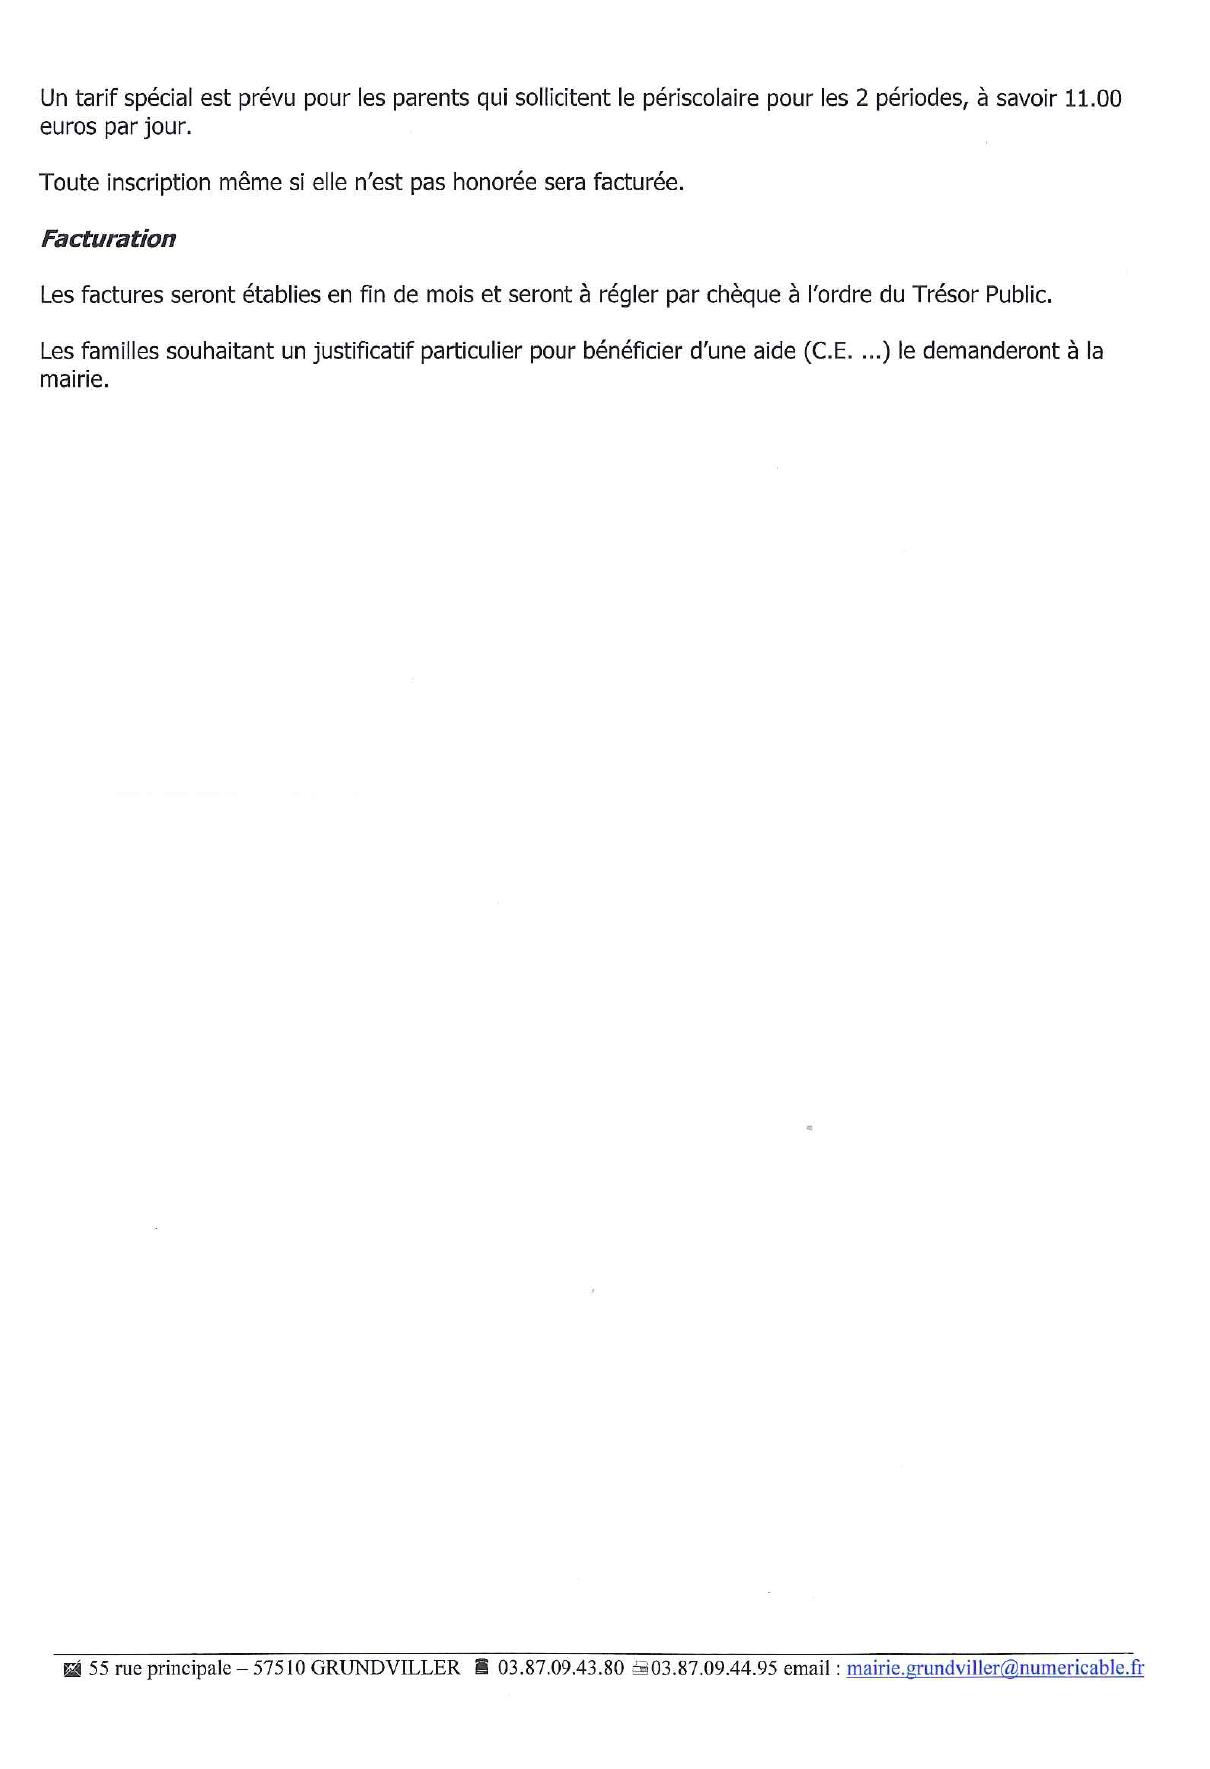 reglement-periscolaire1